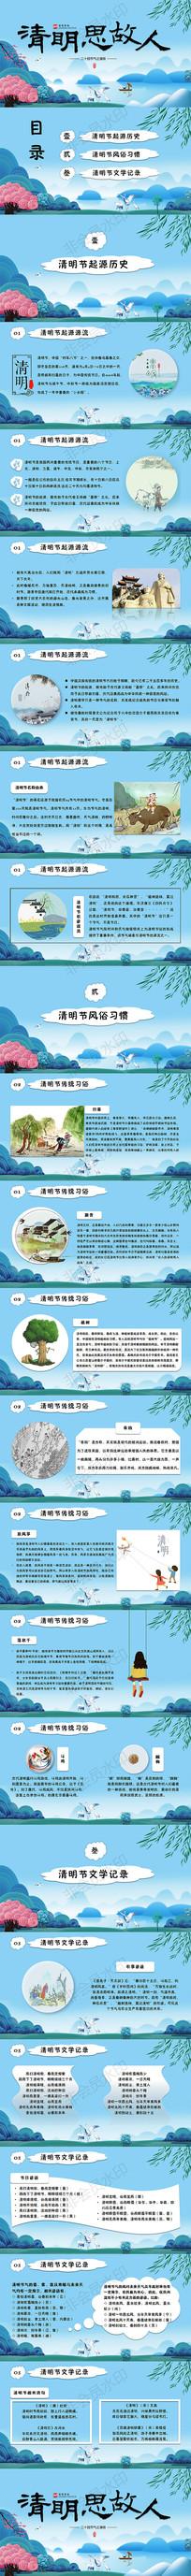 中国传统节日清明节PPT